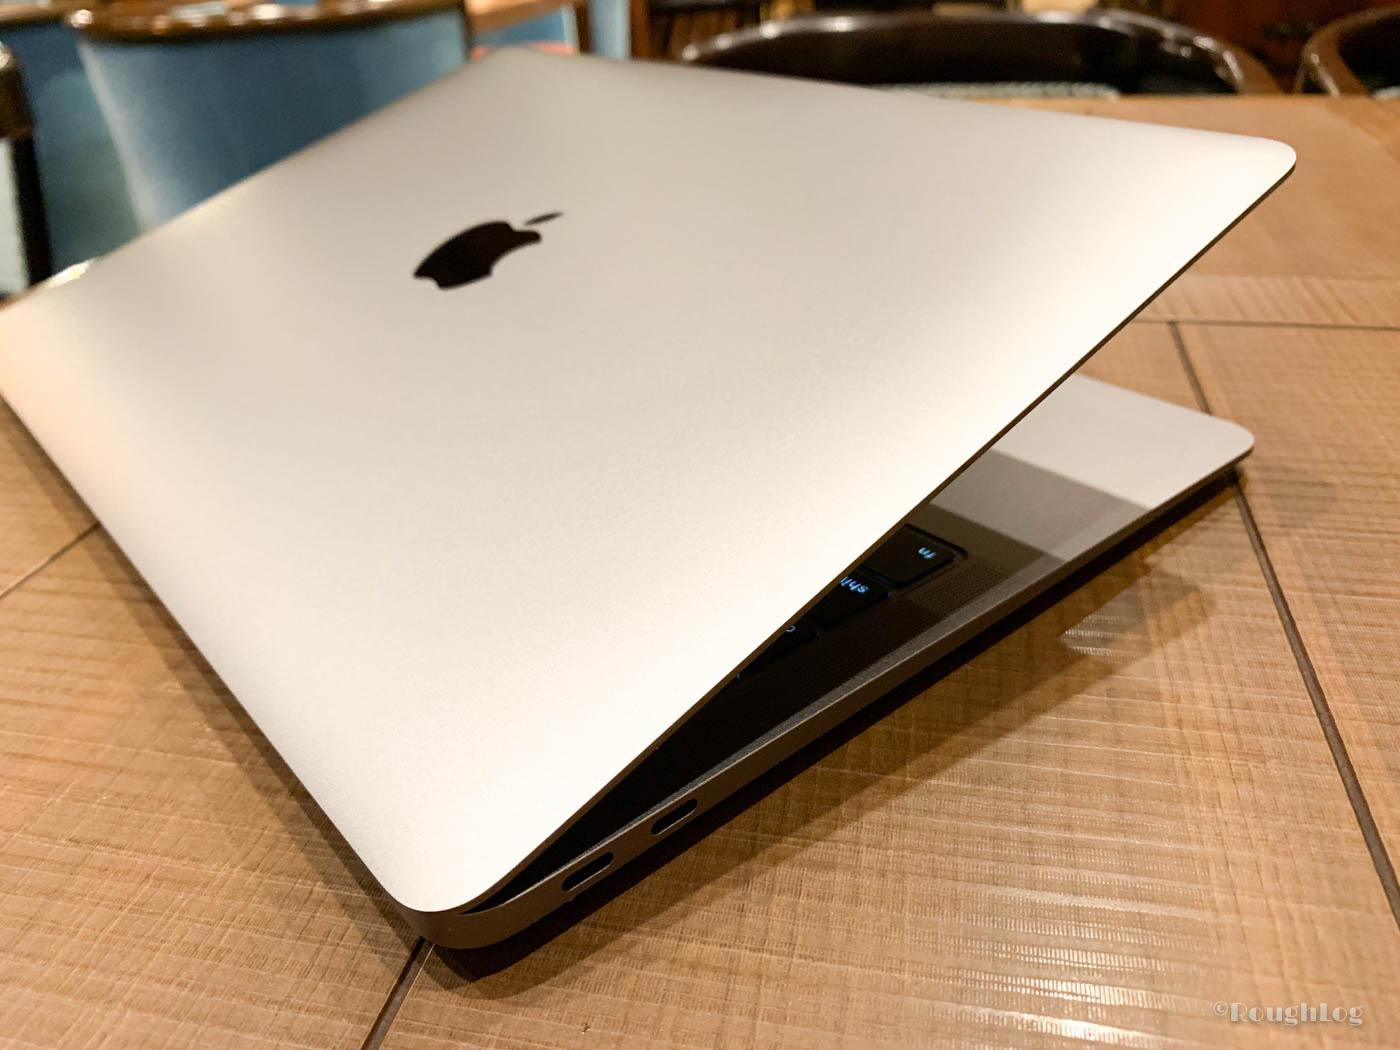 薄型軽量のMacBook Air 2018は先端が細くなるウェッジシェイプ型の美しいデザイン